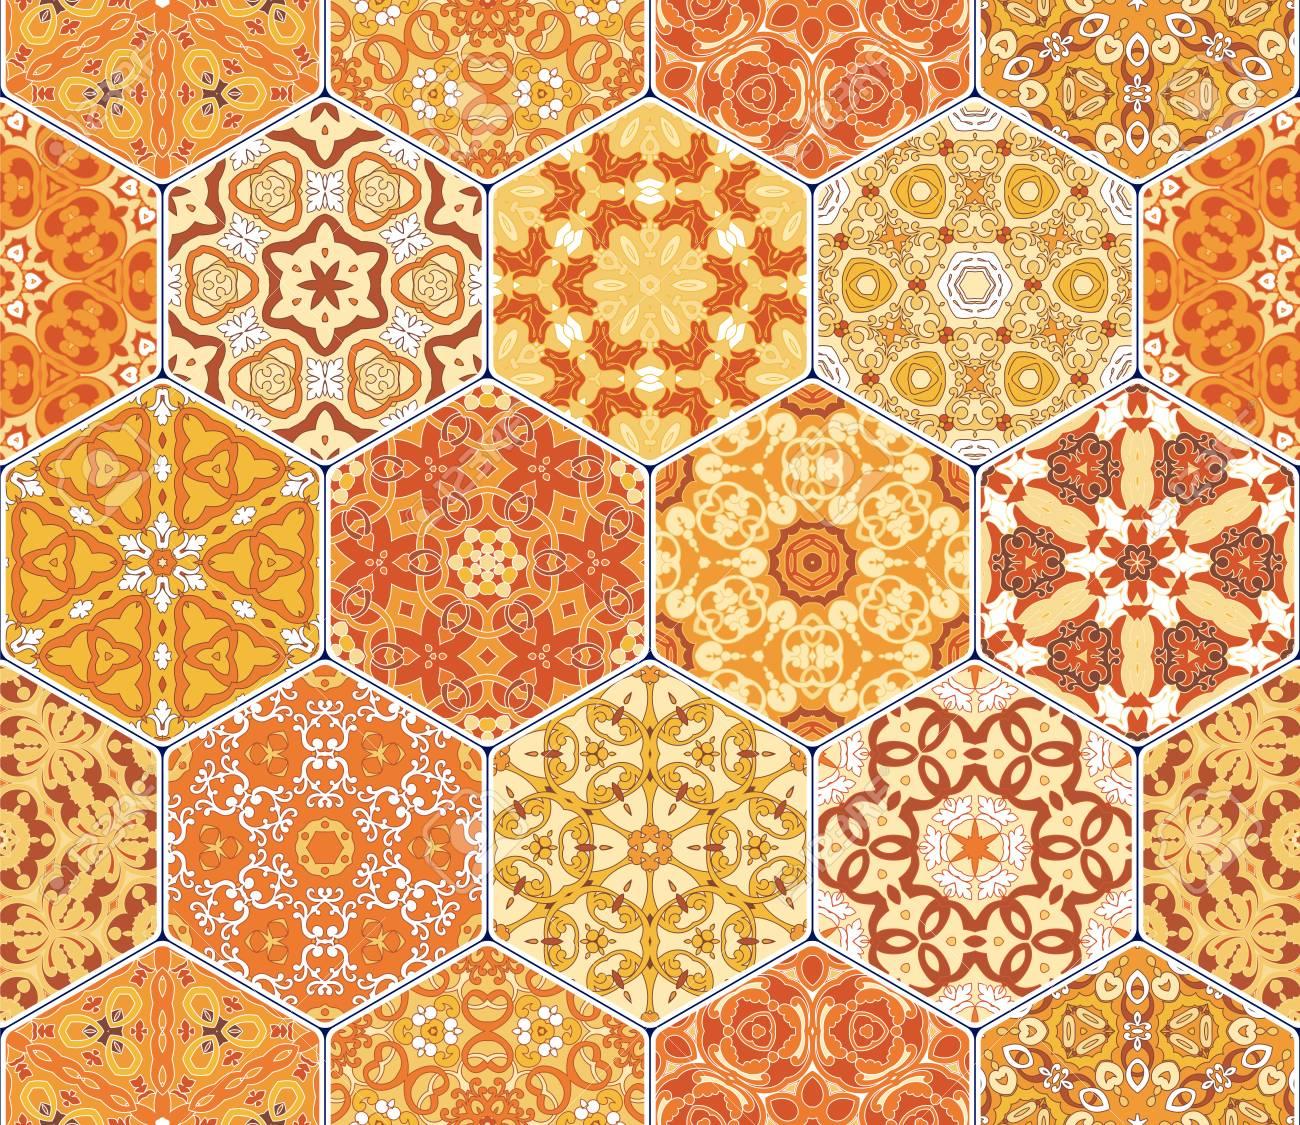 Carreaux De Modele Sans Couture Orange Vif Ensemble Colore Vecteur